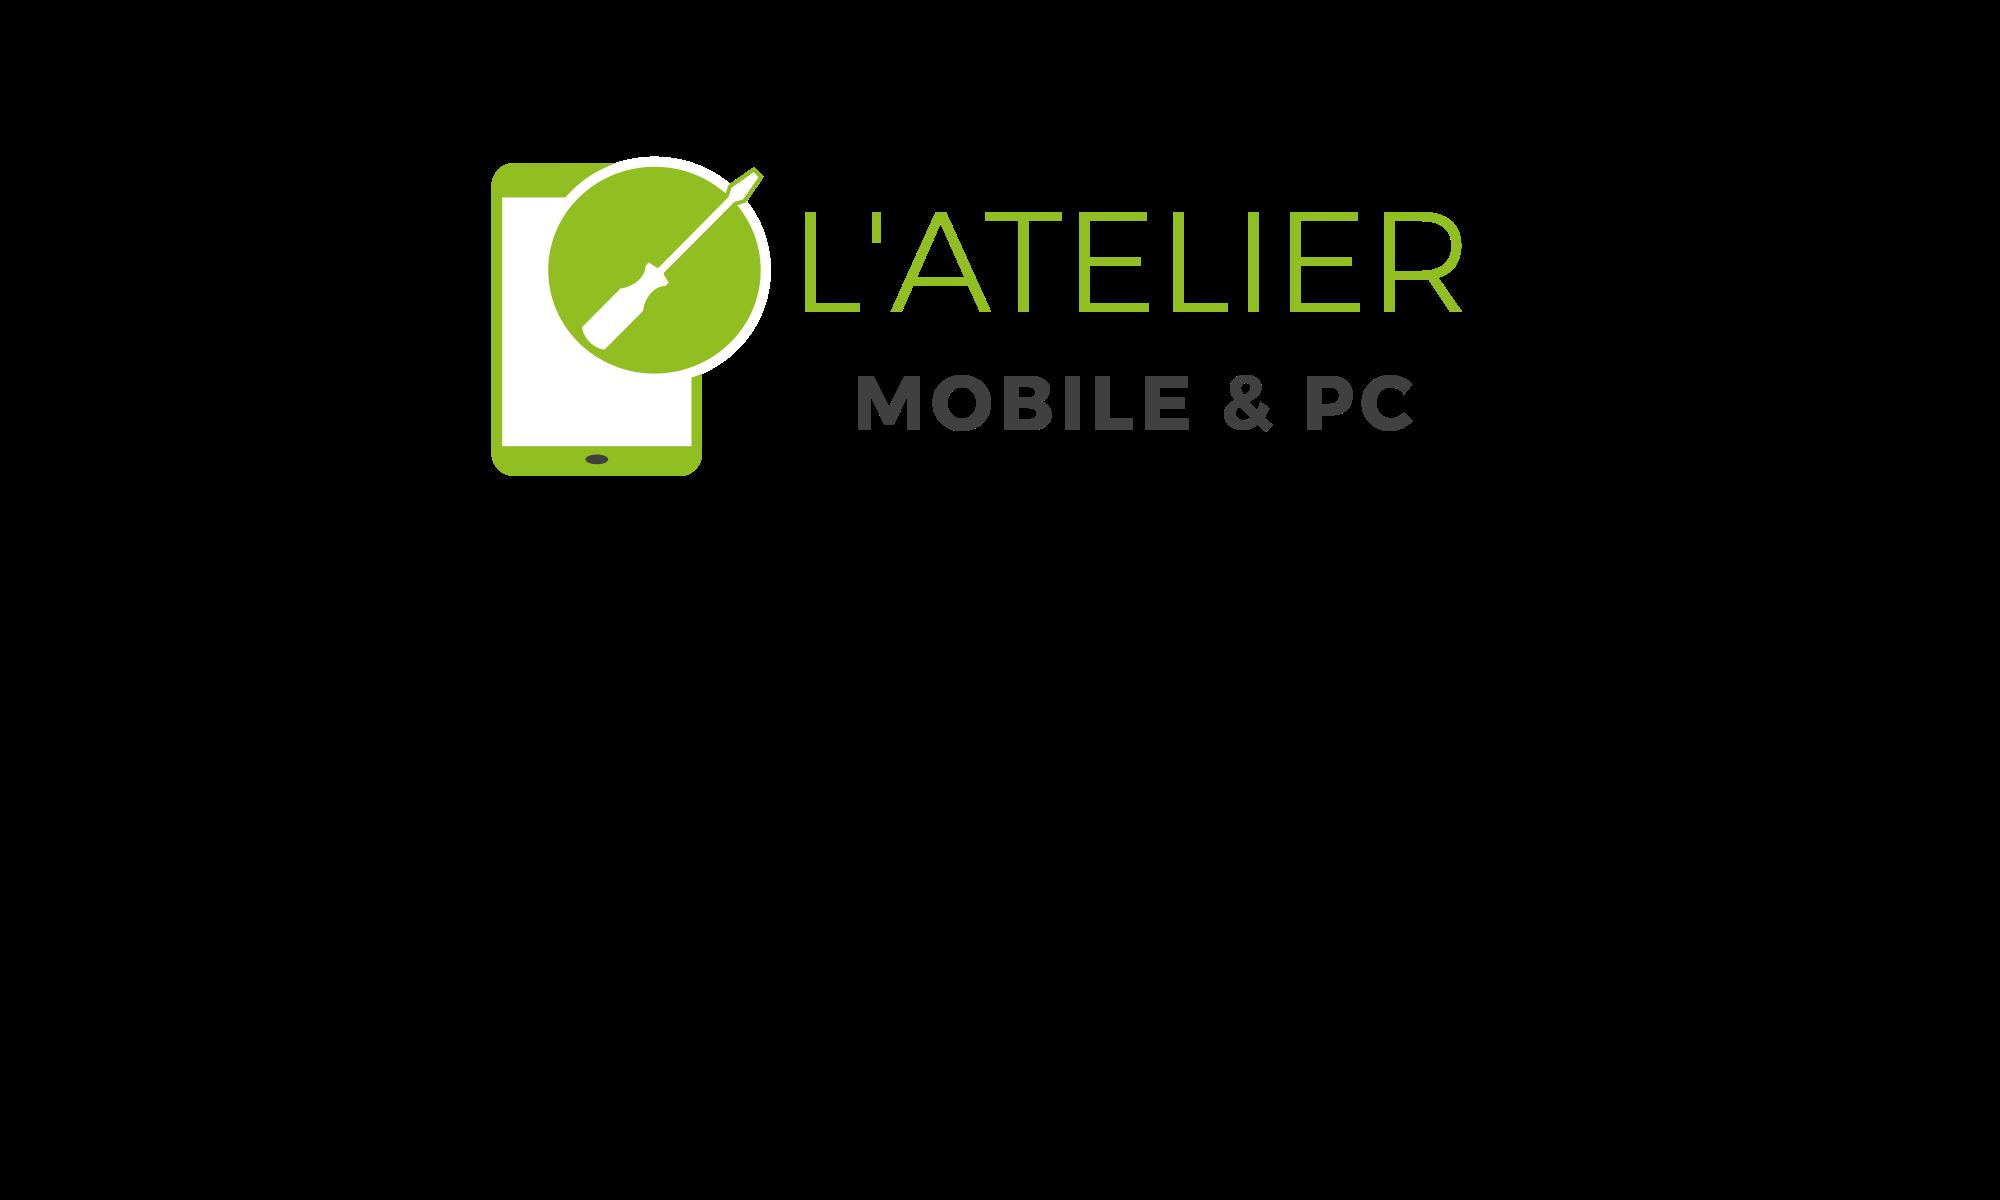 L'ATELIER MOBILE & PC